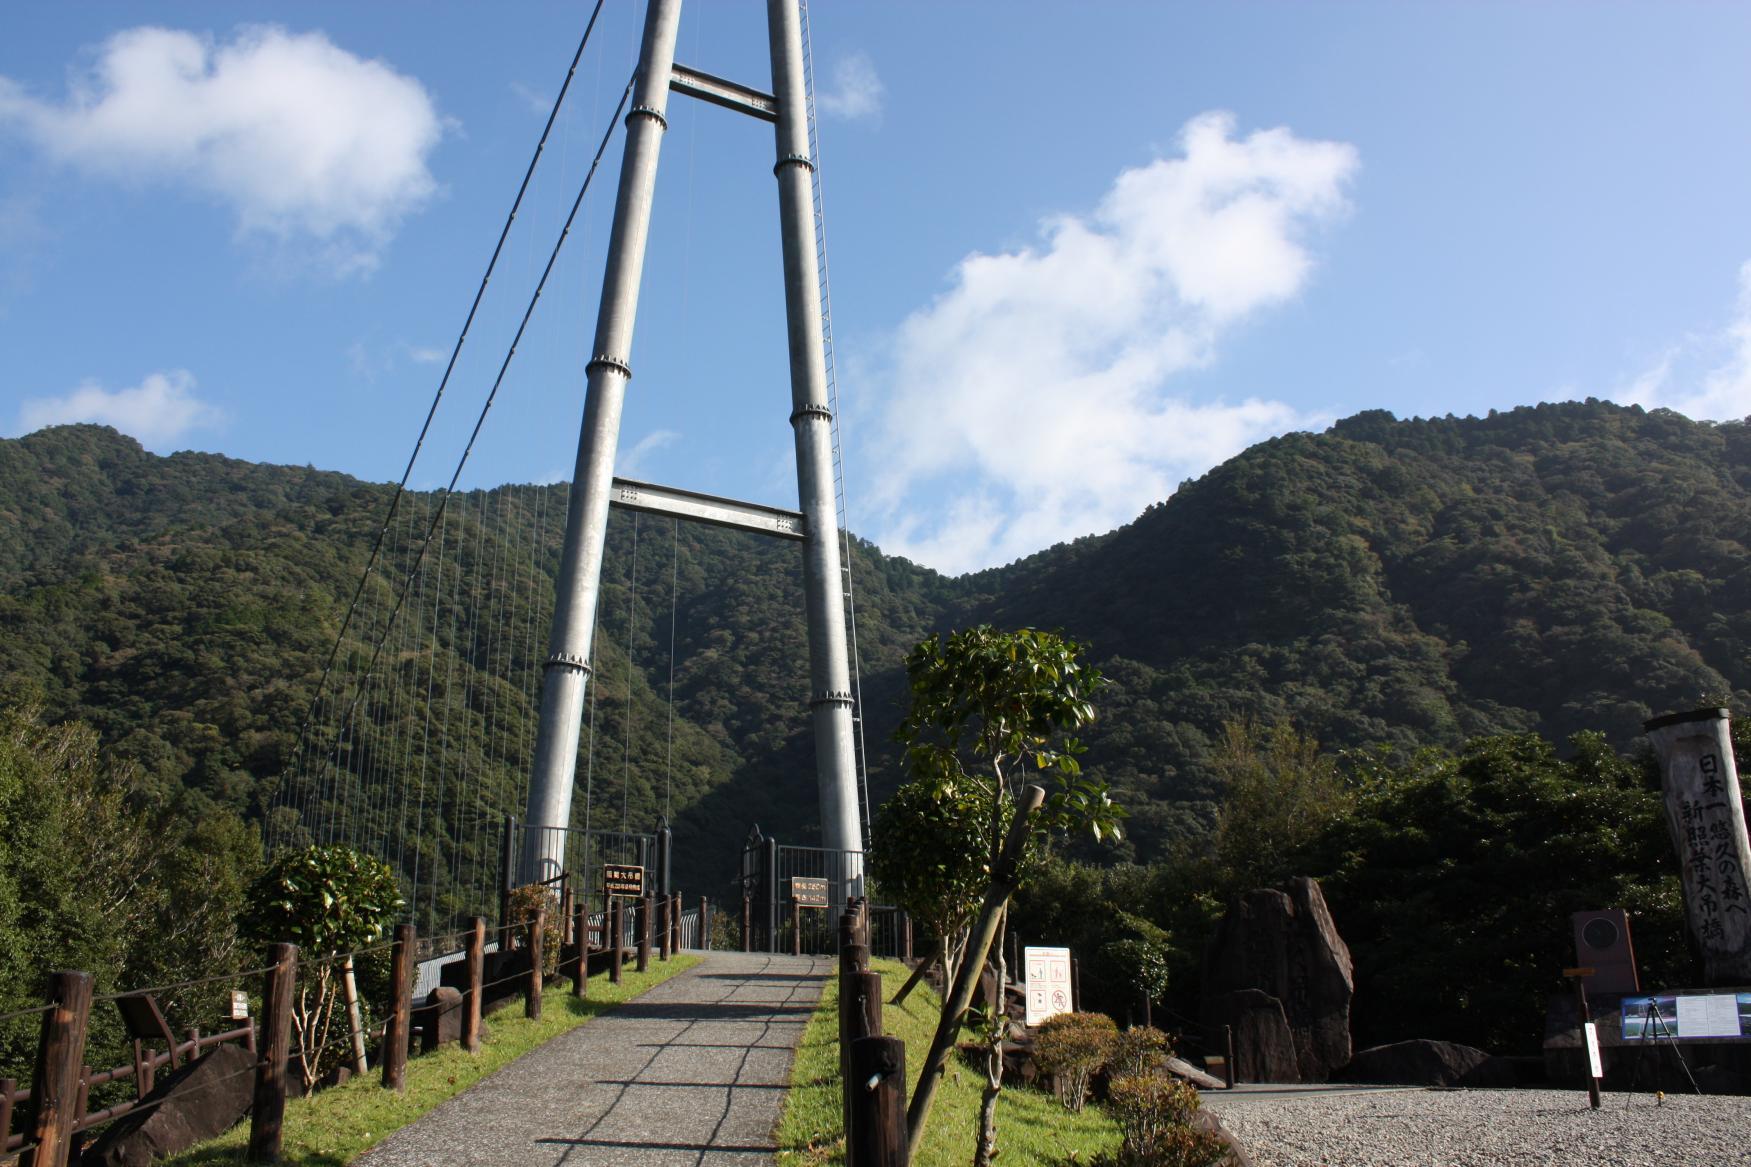 車があるなら行ってみたい!宮崎市から45分の絶叫吊り橋!?-1